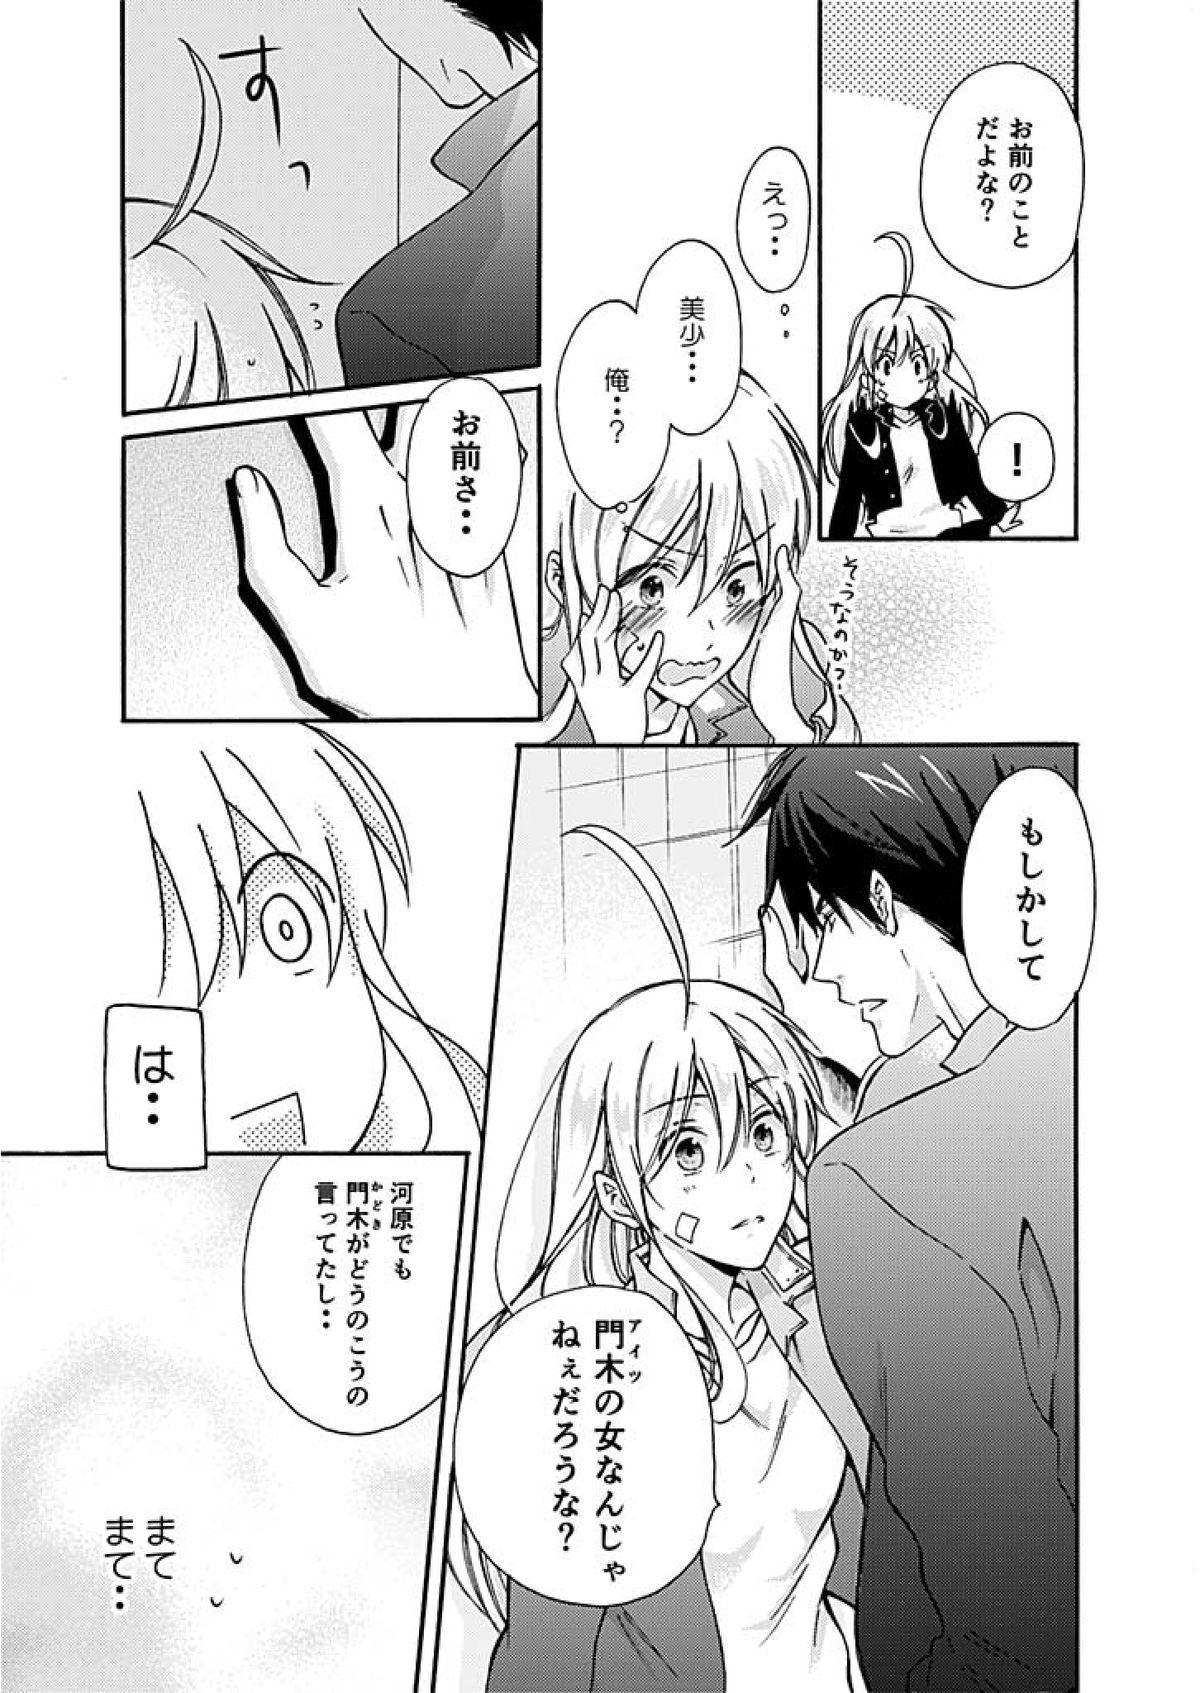 Nyotaika Yankee Gakuen ☆ Ore no Hajimete, Nerawaretemasu. 2 11